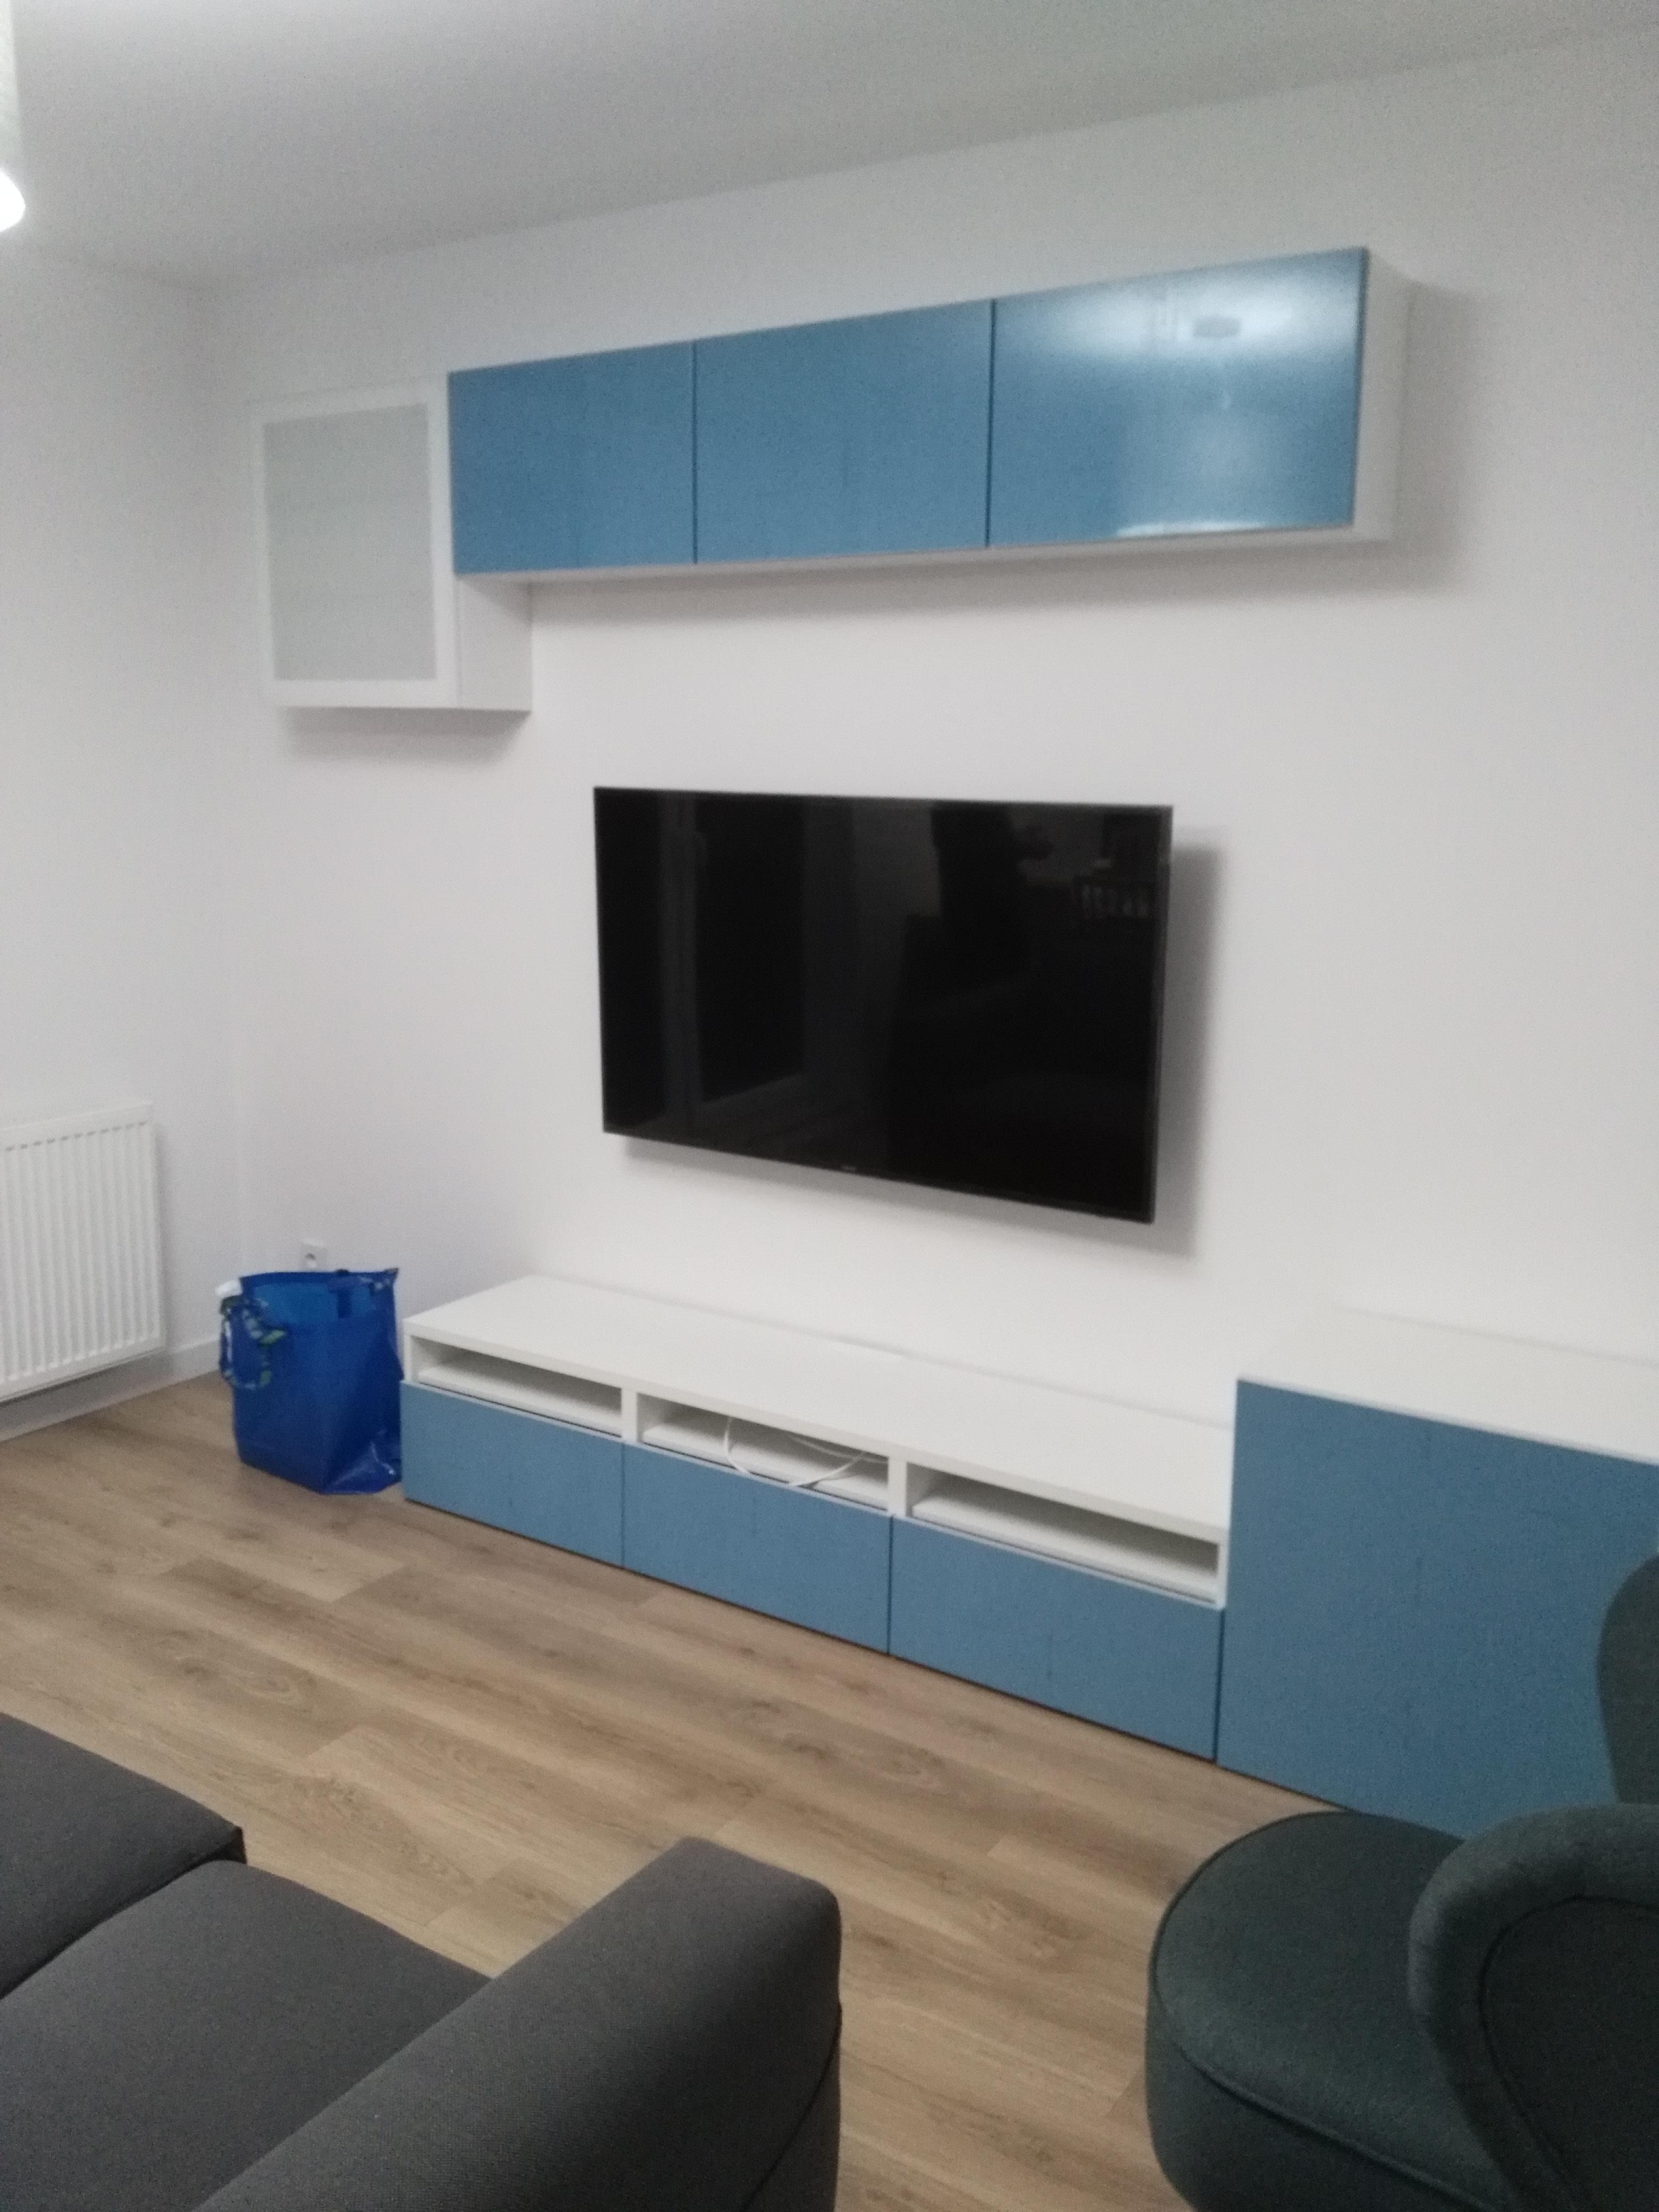 Montaż mebli i telewizora do ściany